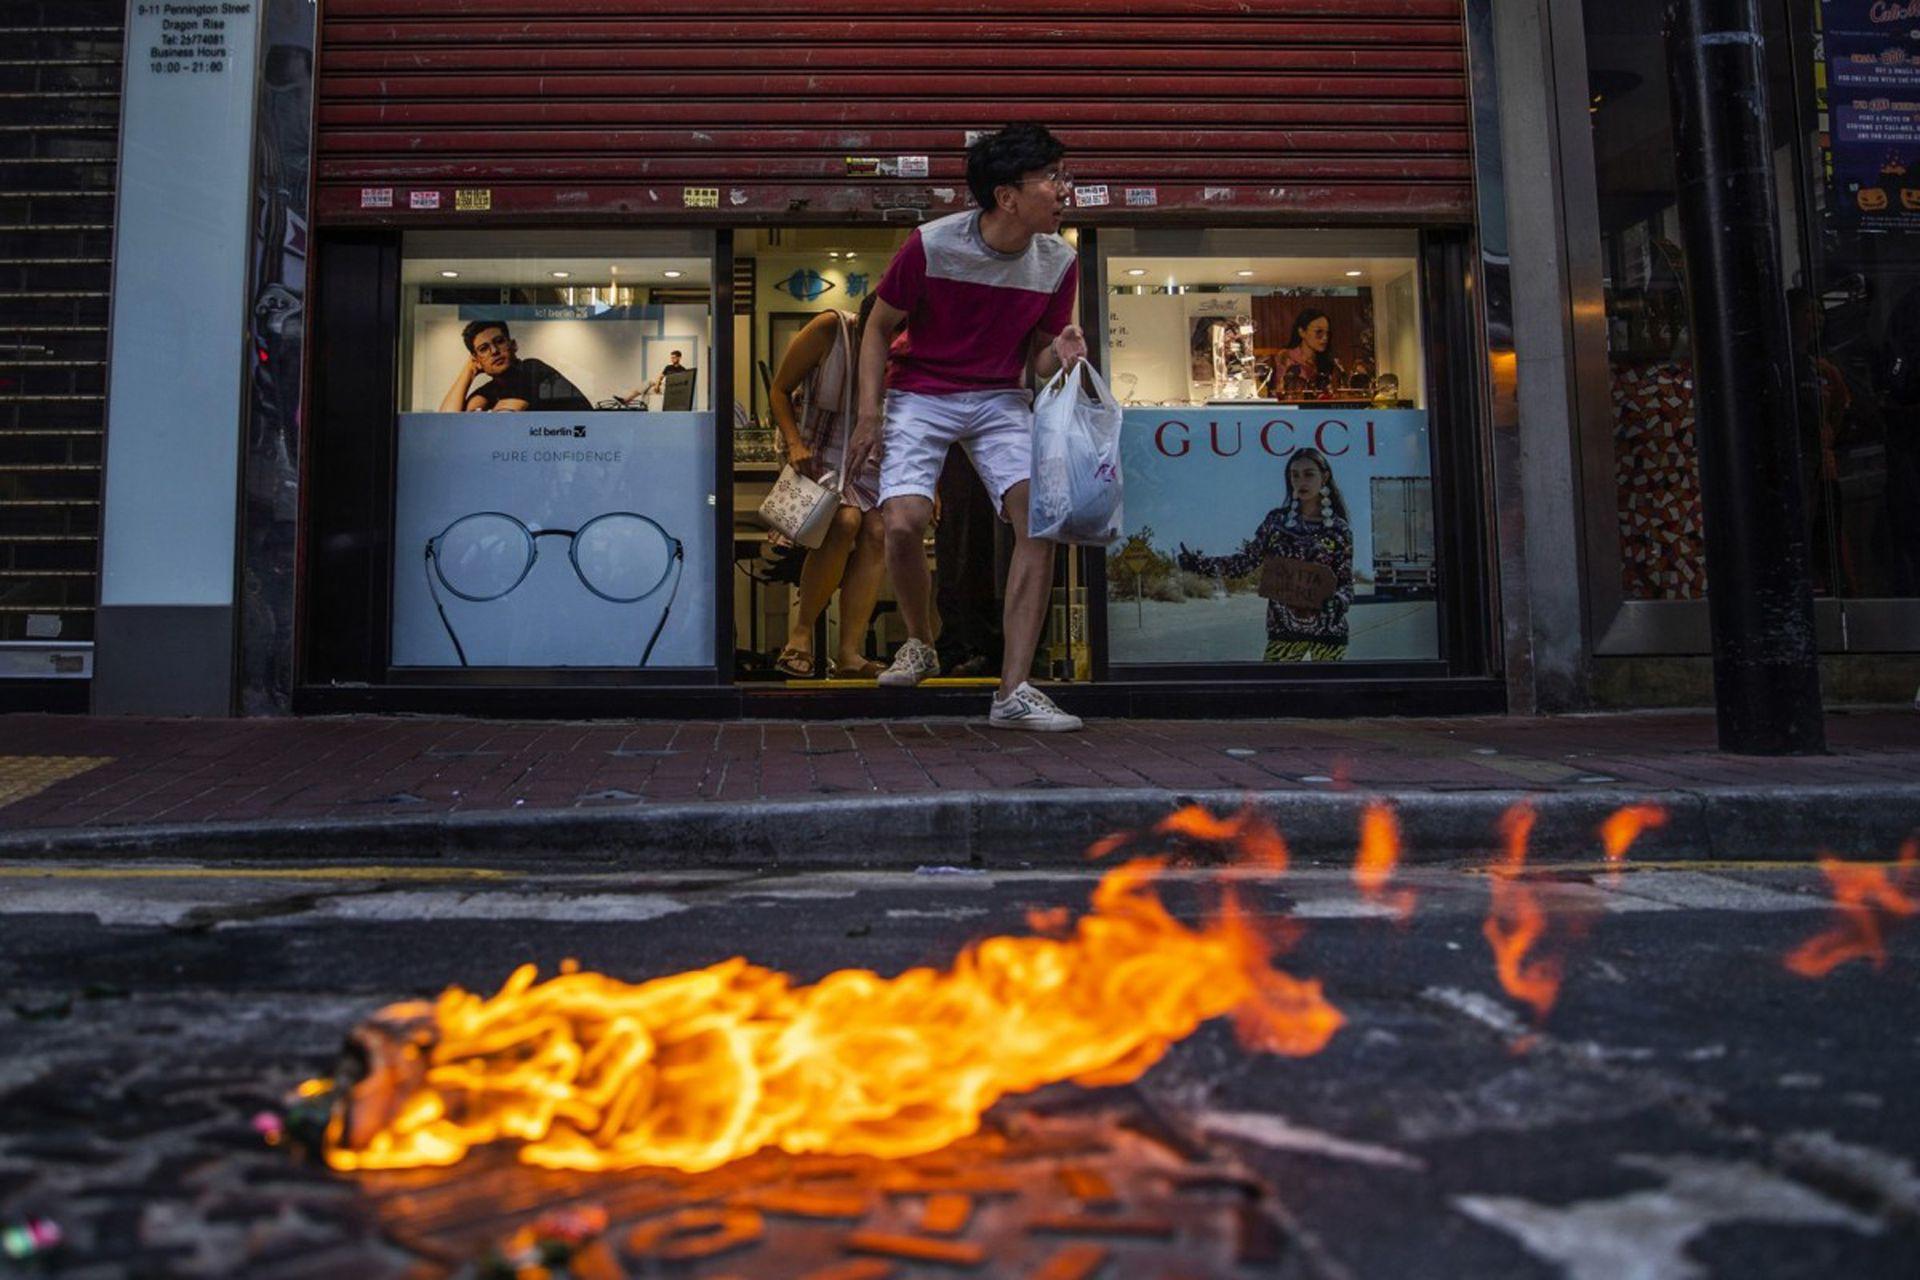 Varios clientes salen de un óptica mientras una molotov se prende fuego en medio de la calle